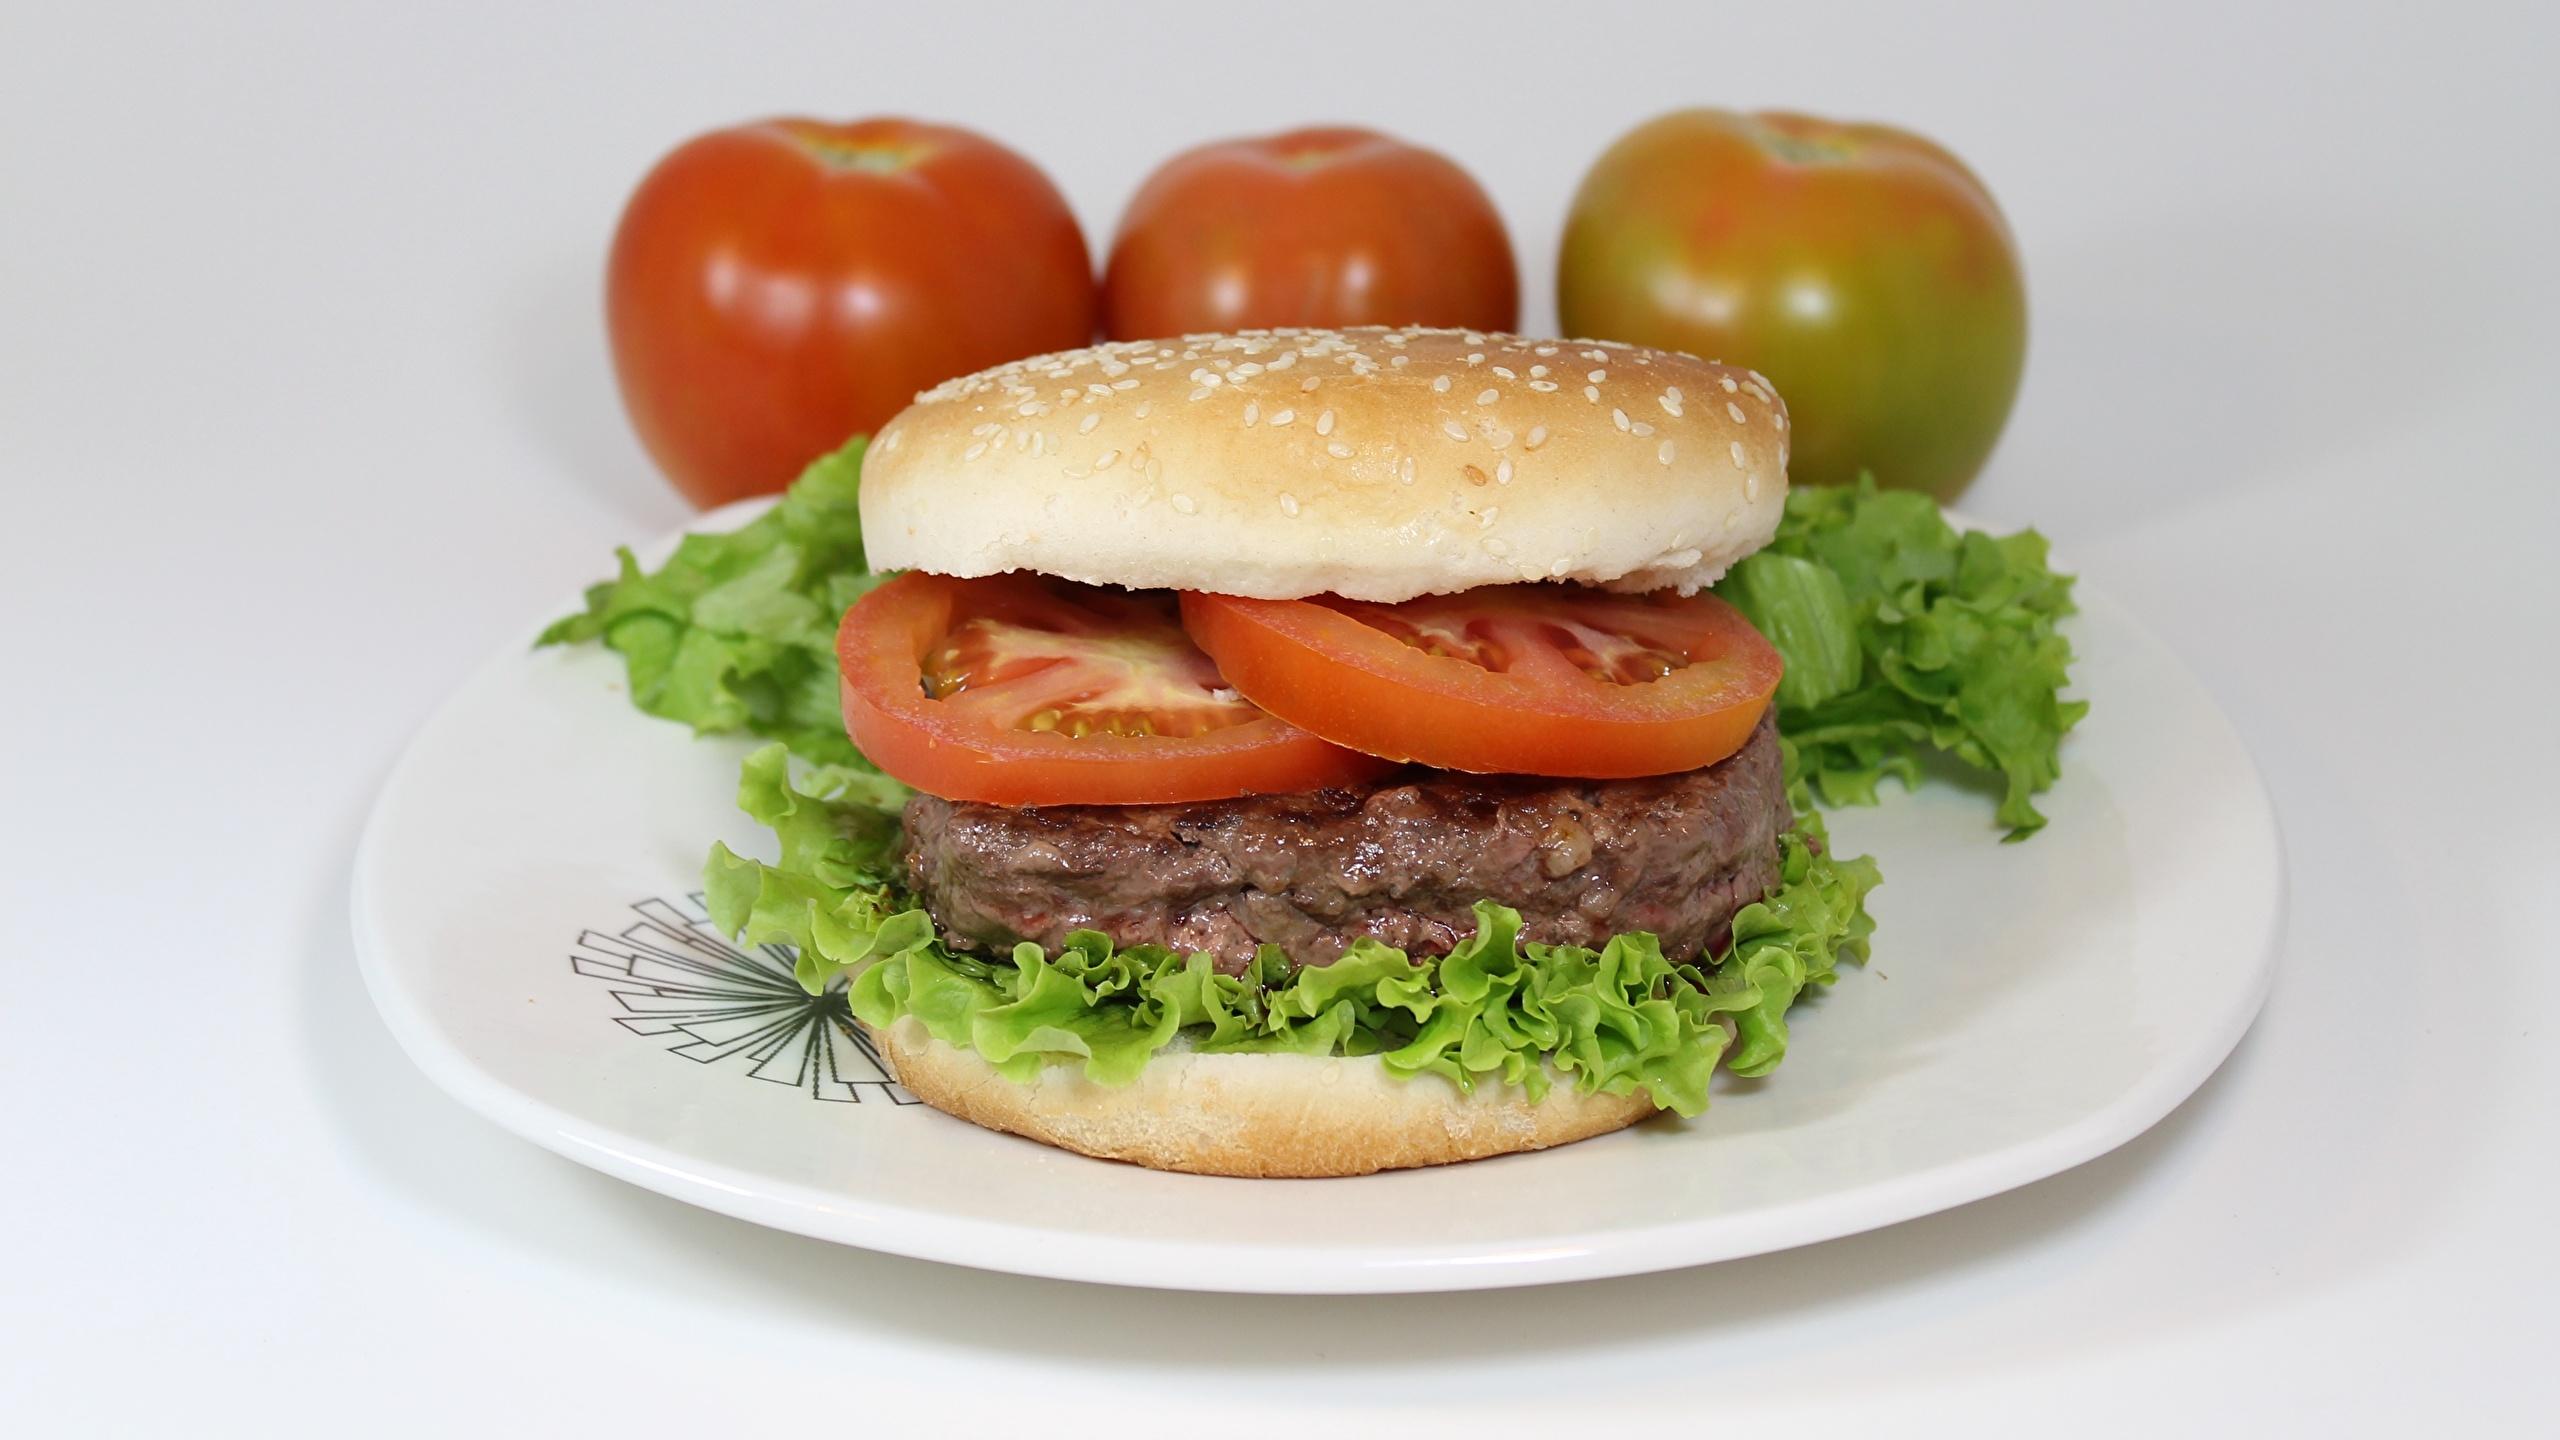 Фото Помидоры Гамбургер Еда Тарелка Нарезанные продукты Мясные продукты 2560x1440 Томаты Пища нарезка тарелке Продукты питания